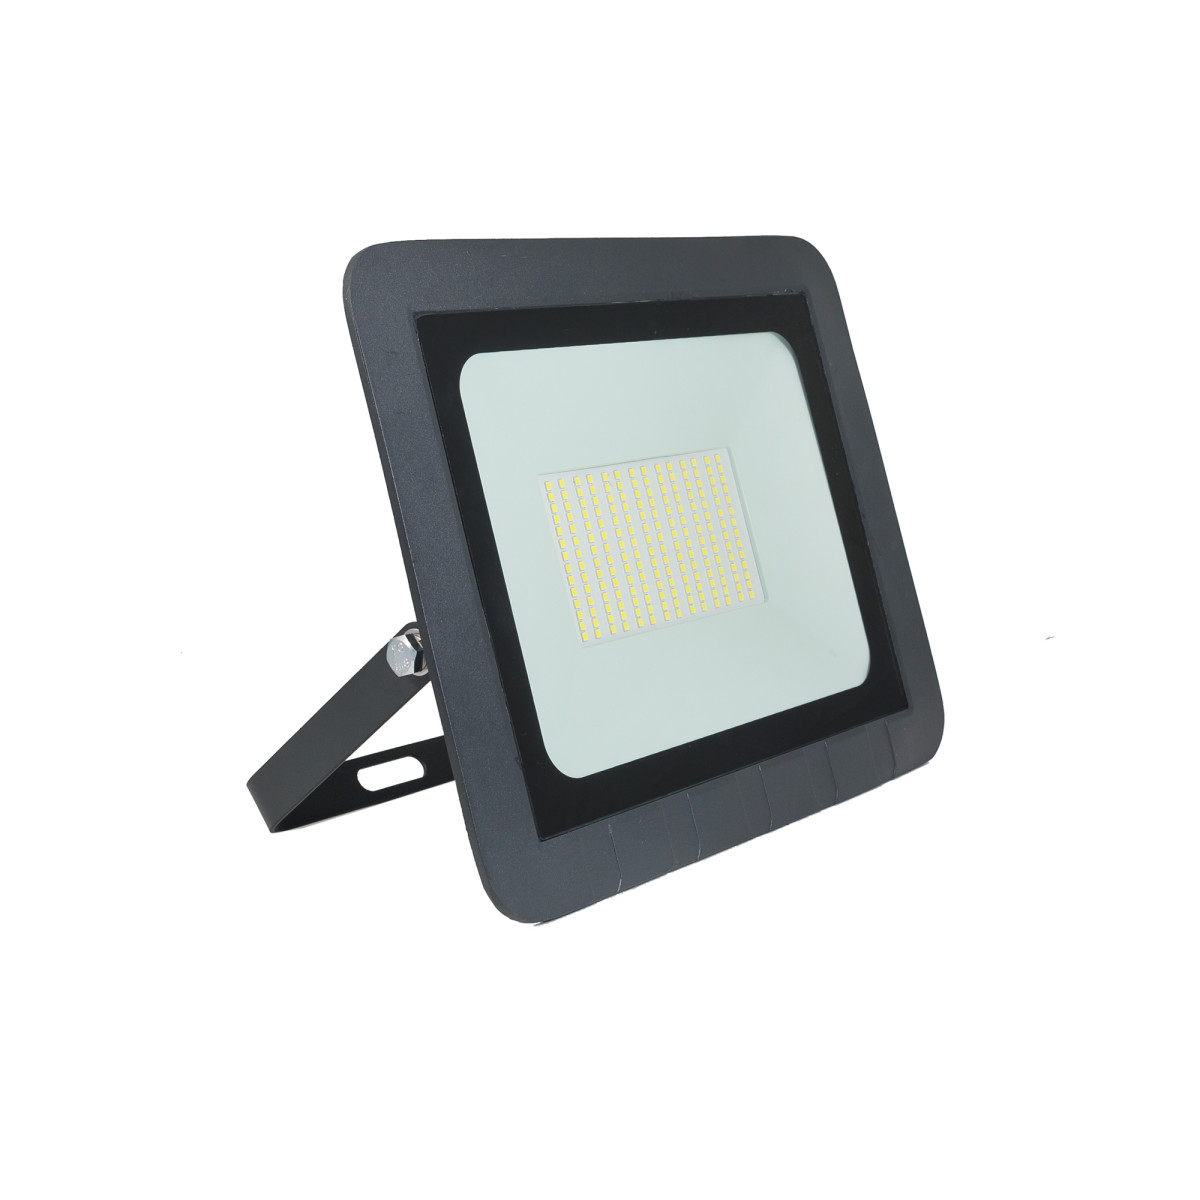 Прожектор светодиодный уличный SMD Старт 150 Вт 6500К IP65